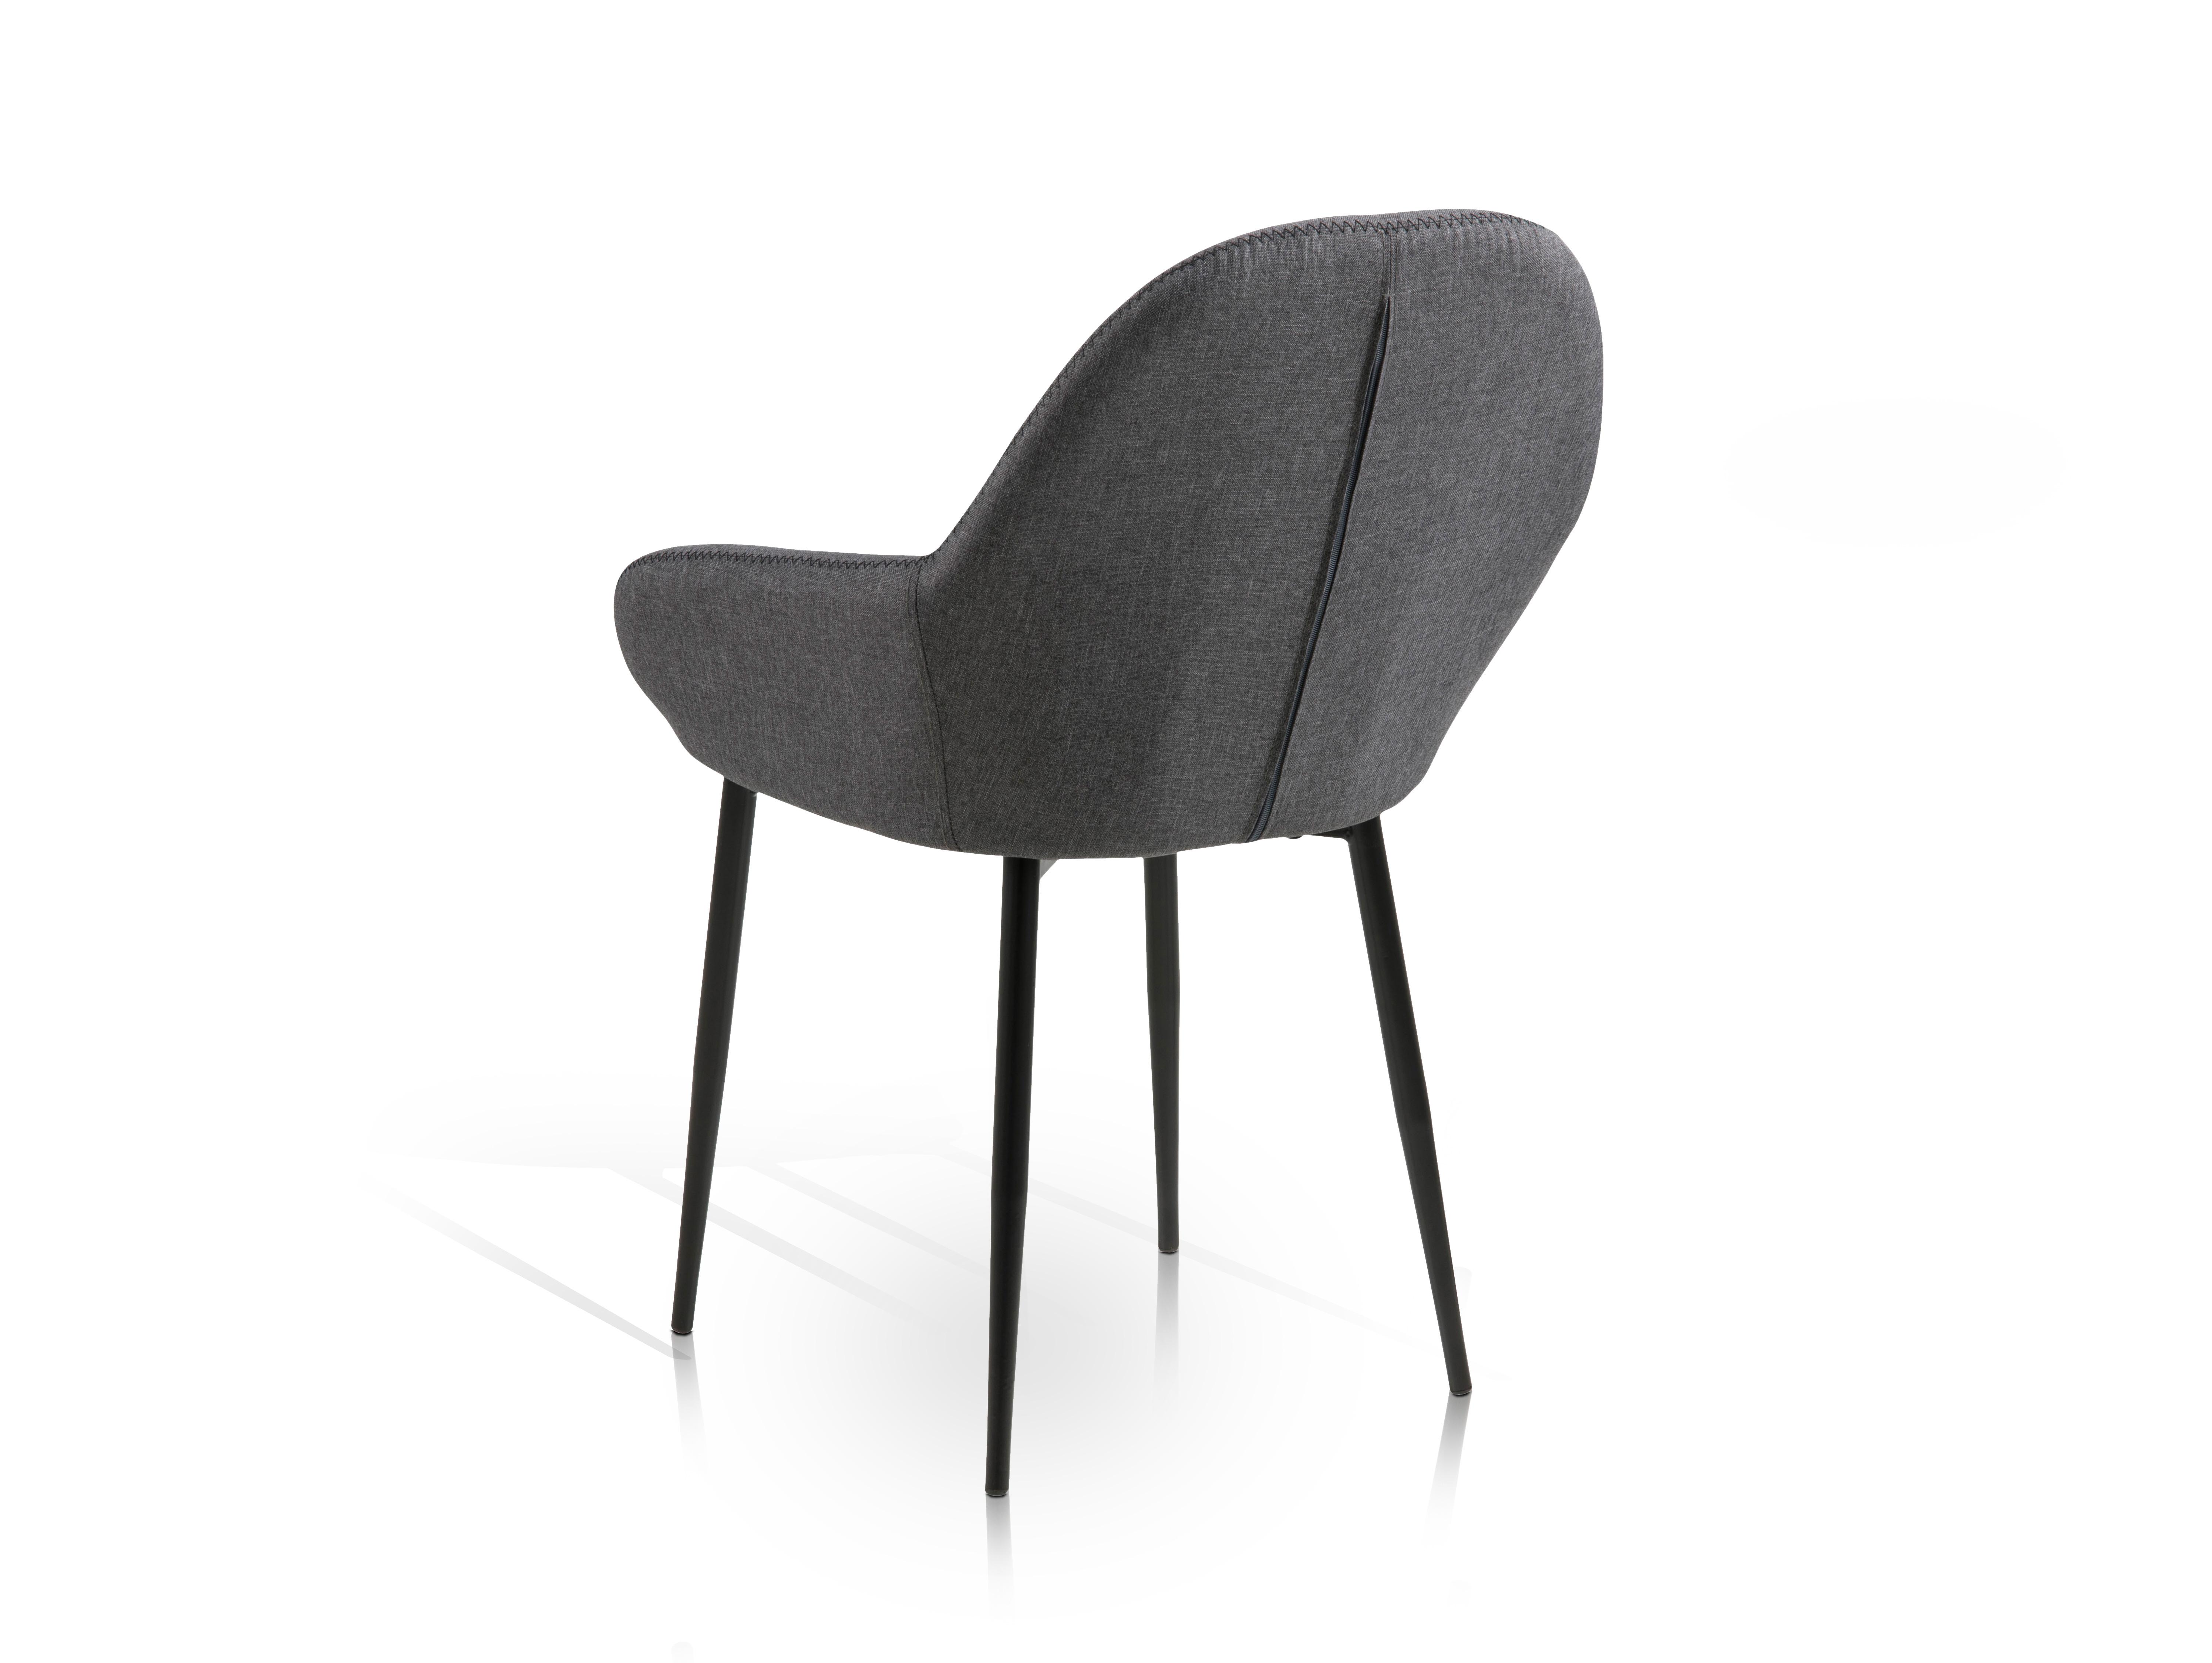 Cardy schalenstuhl gestell schwarz stoffbezug grau for Schalenstuhl schwarz